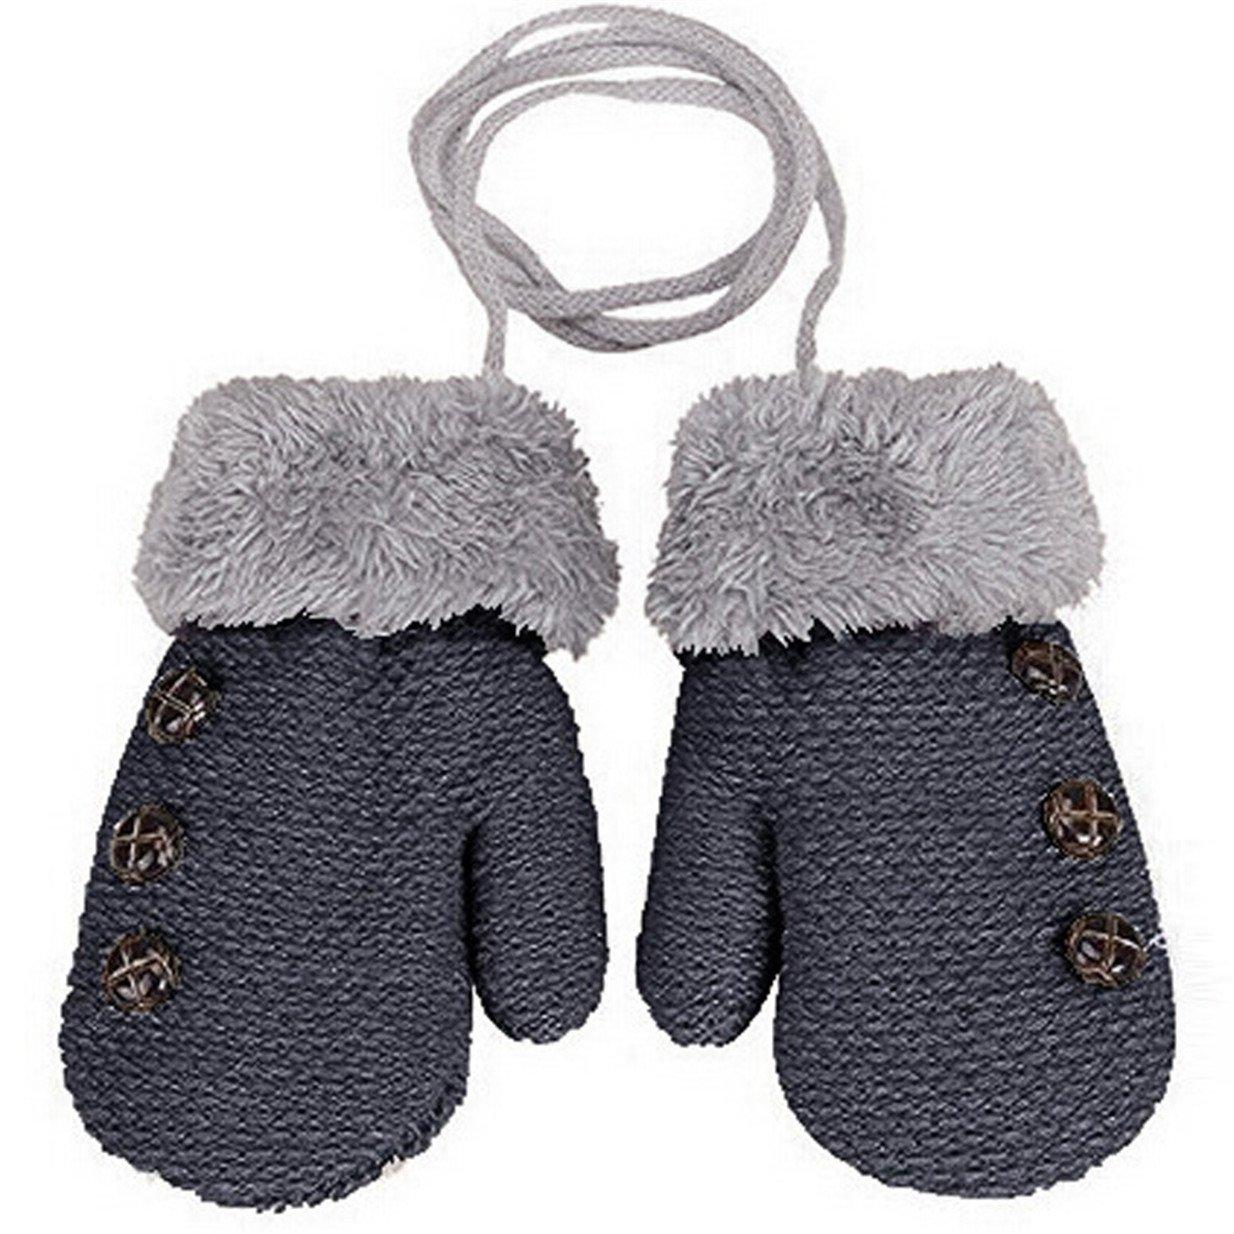 Lalang Gants en tricot pour enfants gants chauds dhiver